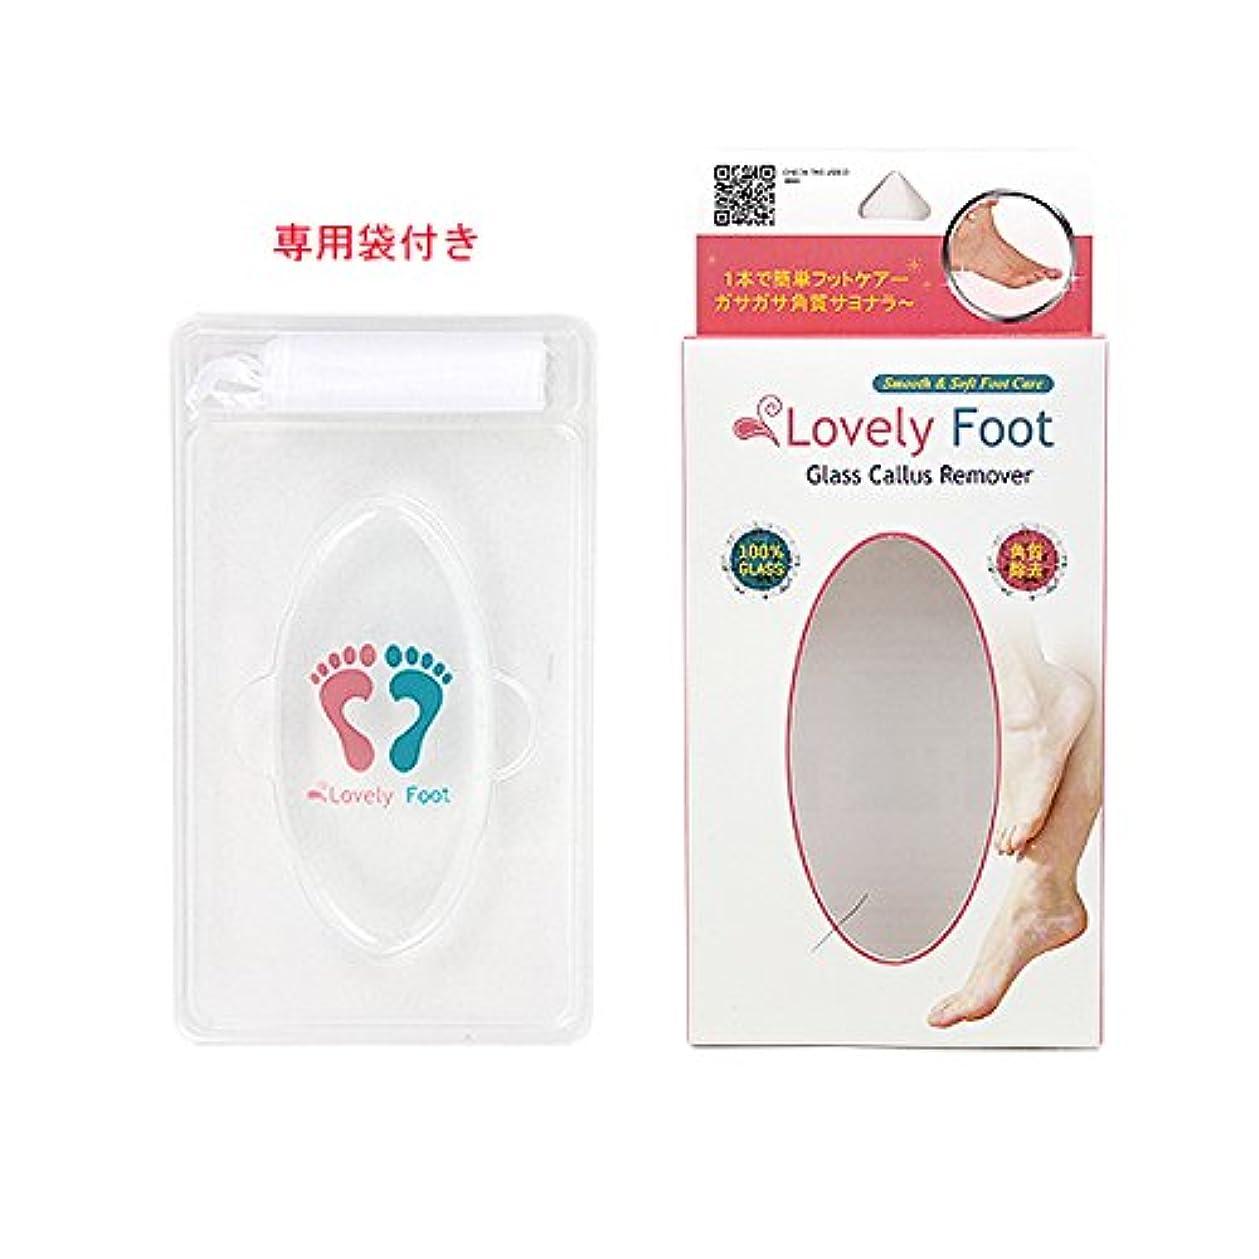 ビバ信念薄めるLovely Foot Glass Callus Remover (ガラス角質取り)